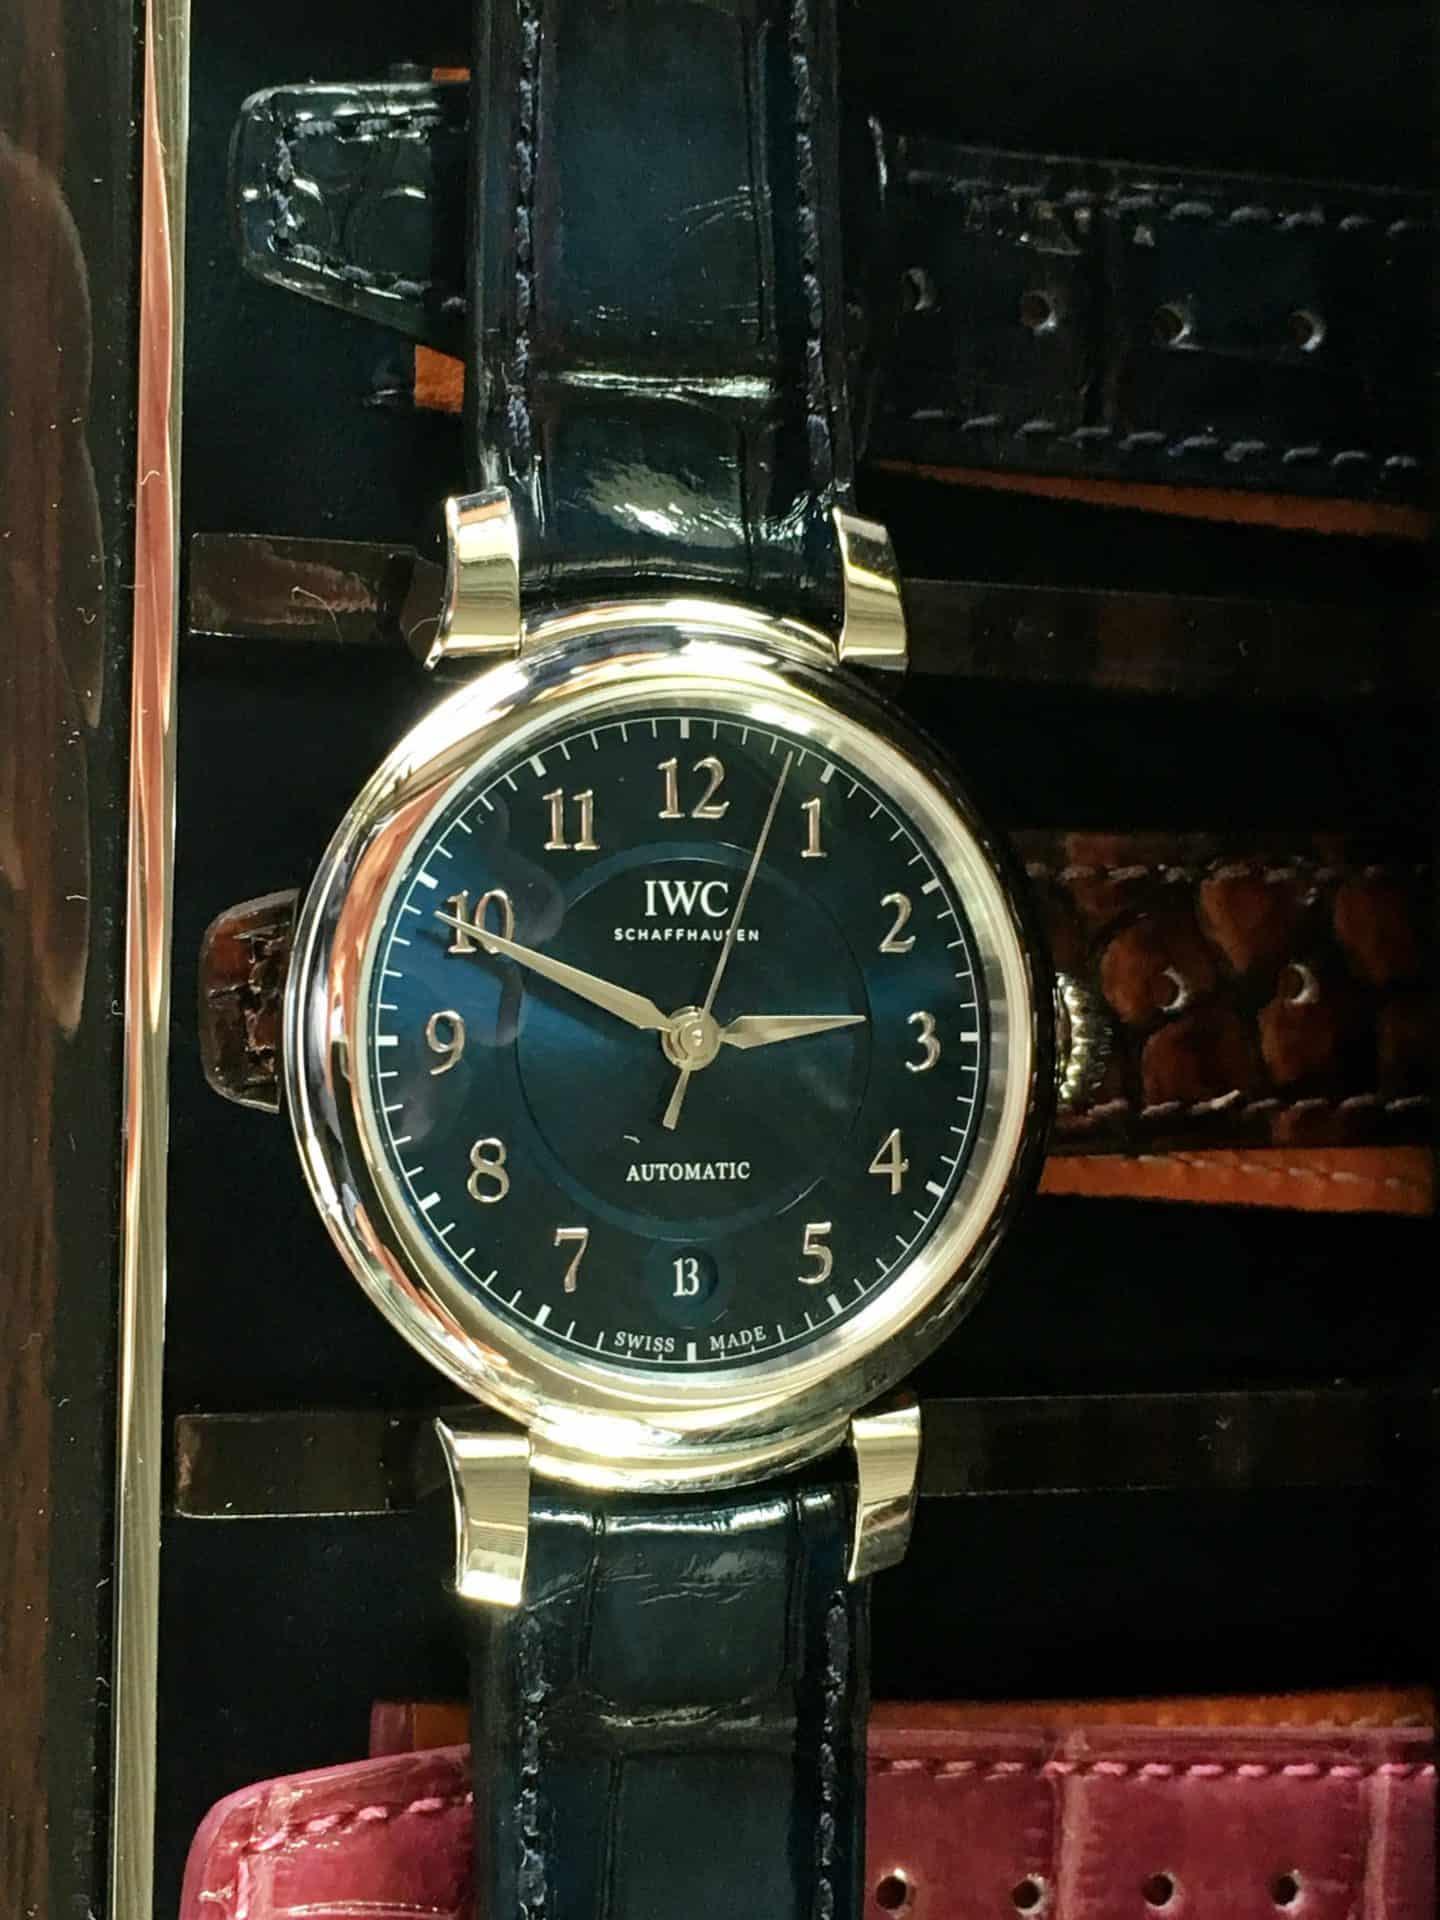 Die 2017 vorgestellte DaVinci-Uhrenlinie von IWC ist eher für Damen gedacht